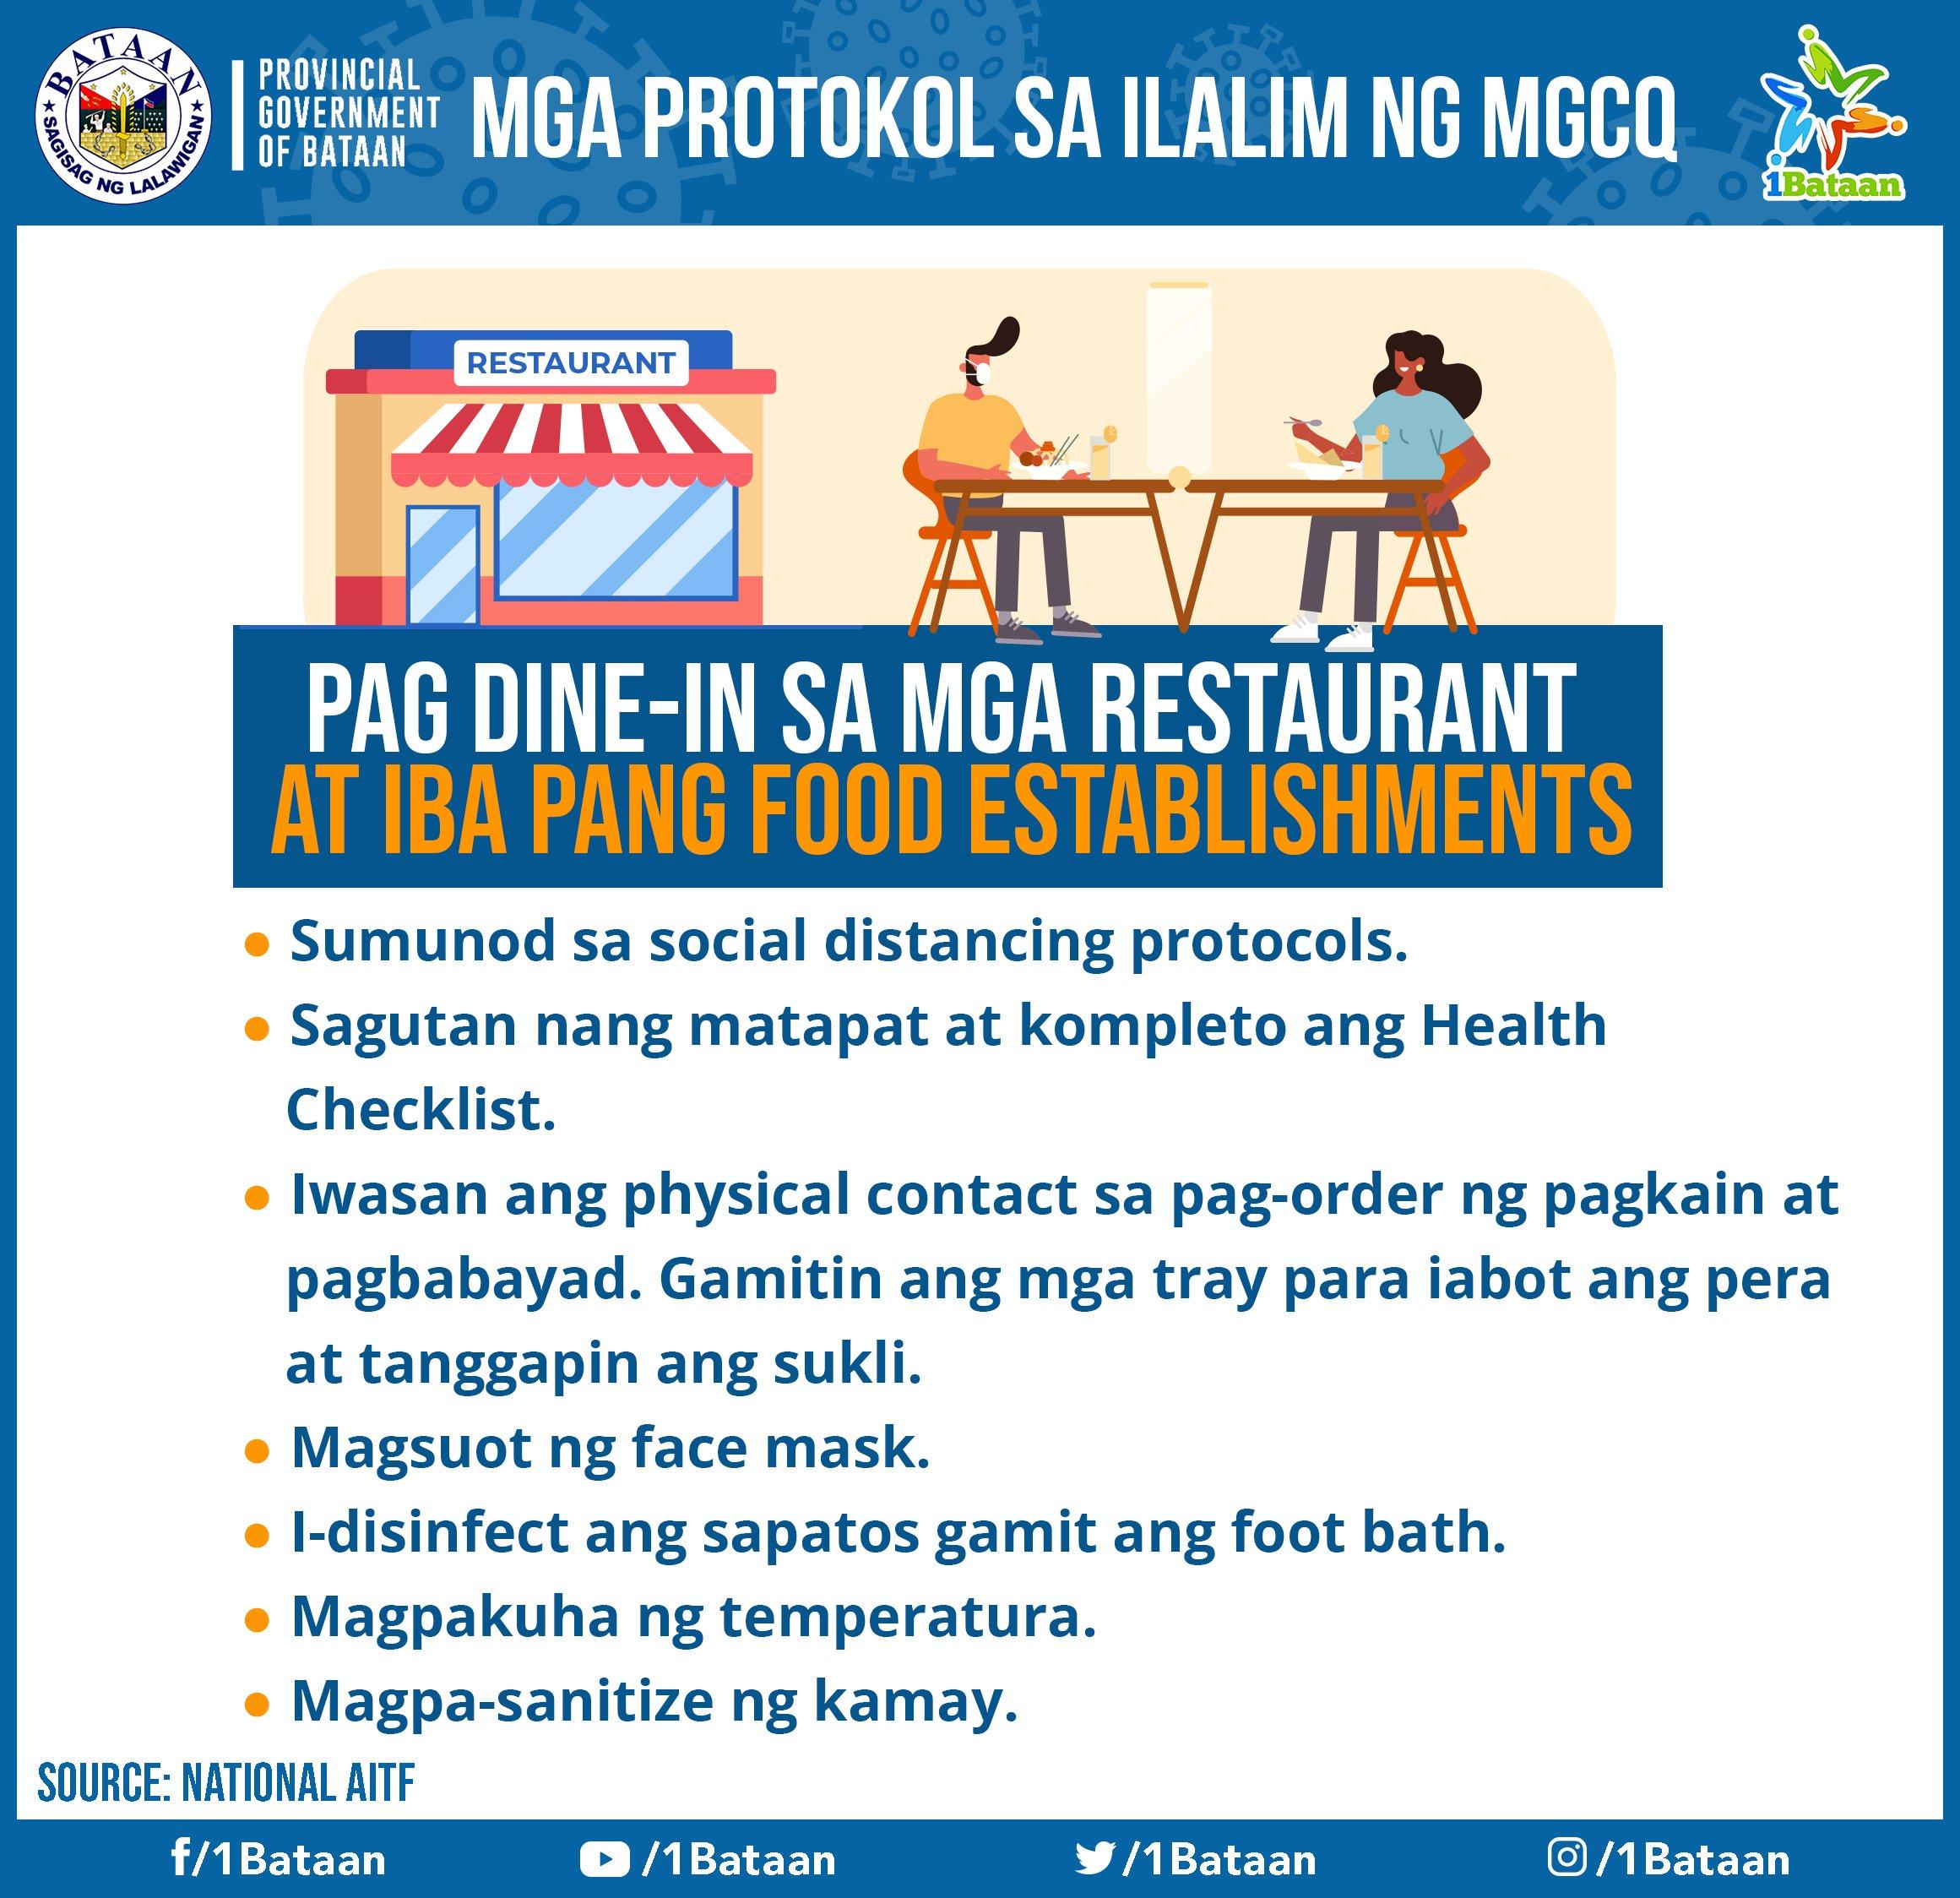 Mga protokol sa ilalim ng MGCQ -